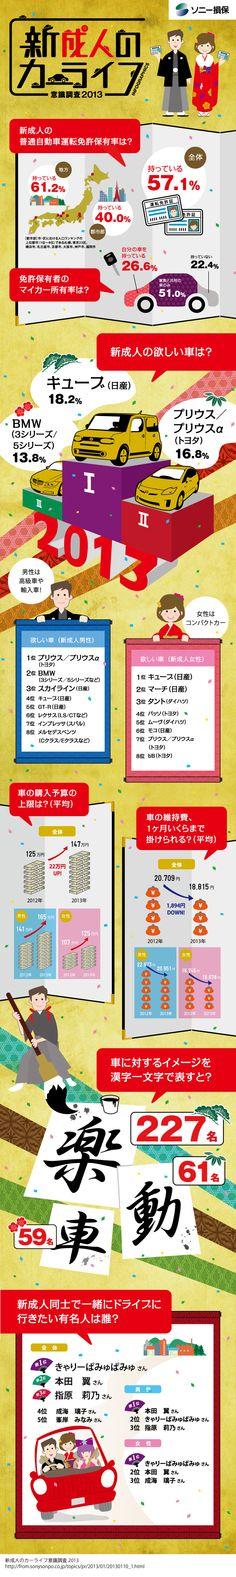 新成人のカーライフ意識調査2013